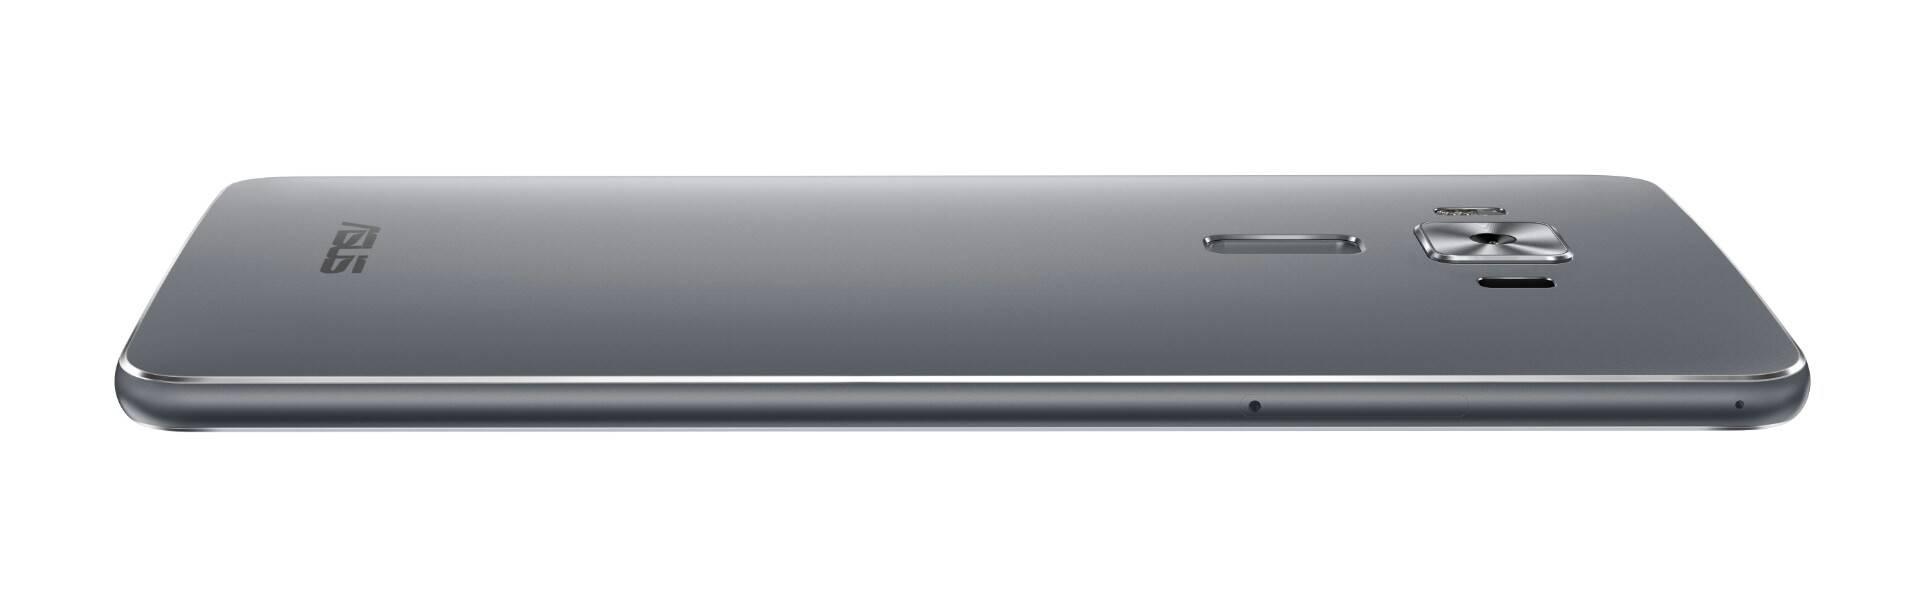 ASUS ZenFone 3 Deluxe 23